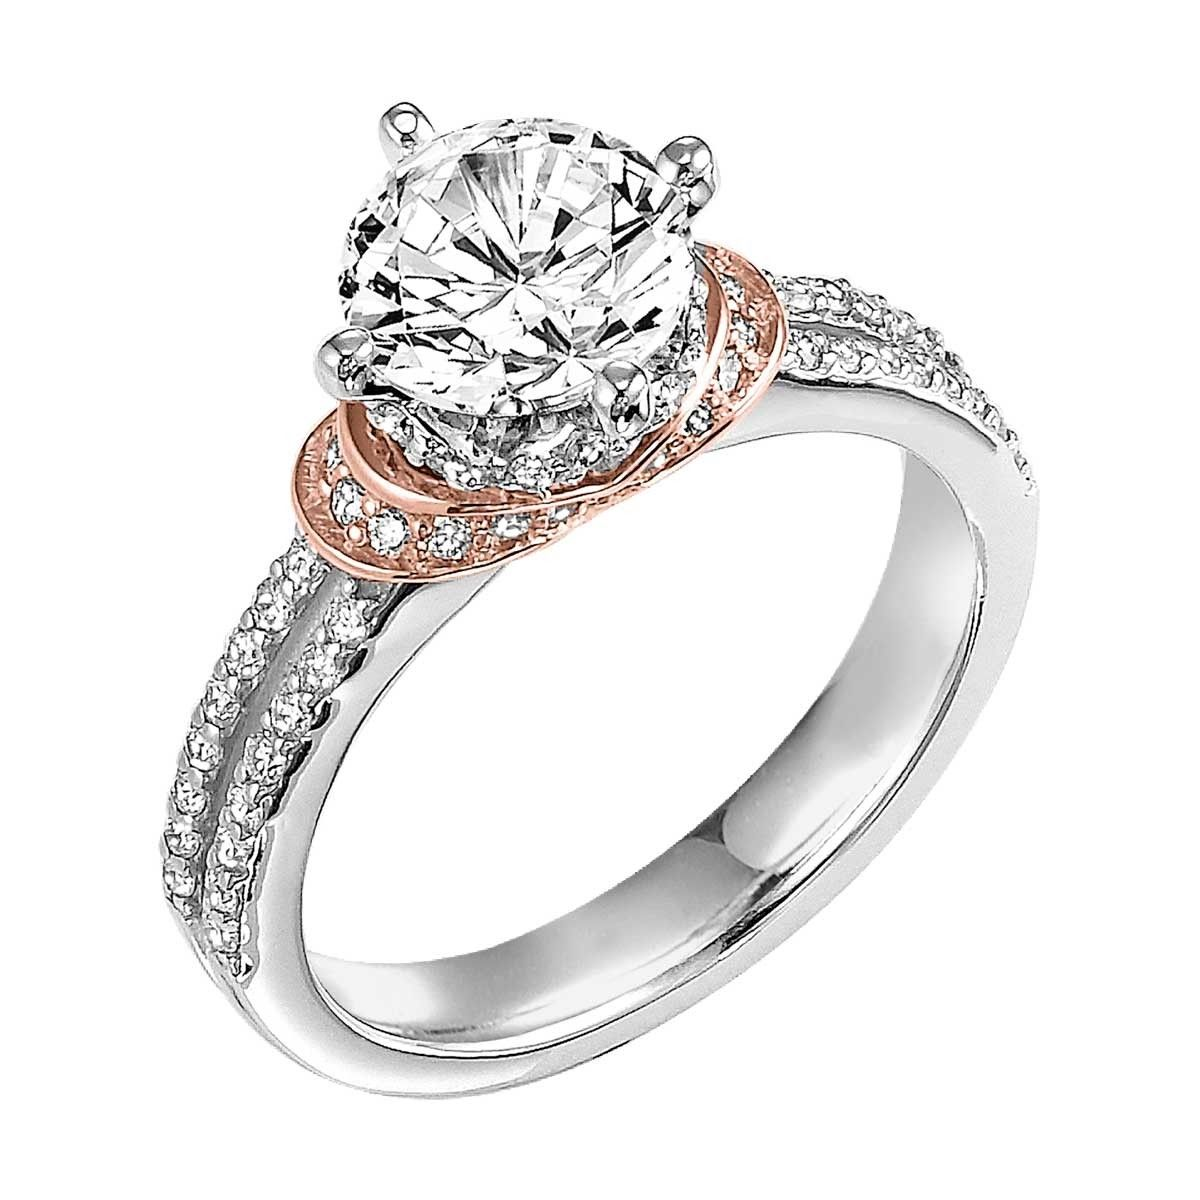 Artcarved Artcarved Tahlia Split Shank Engagement Ring